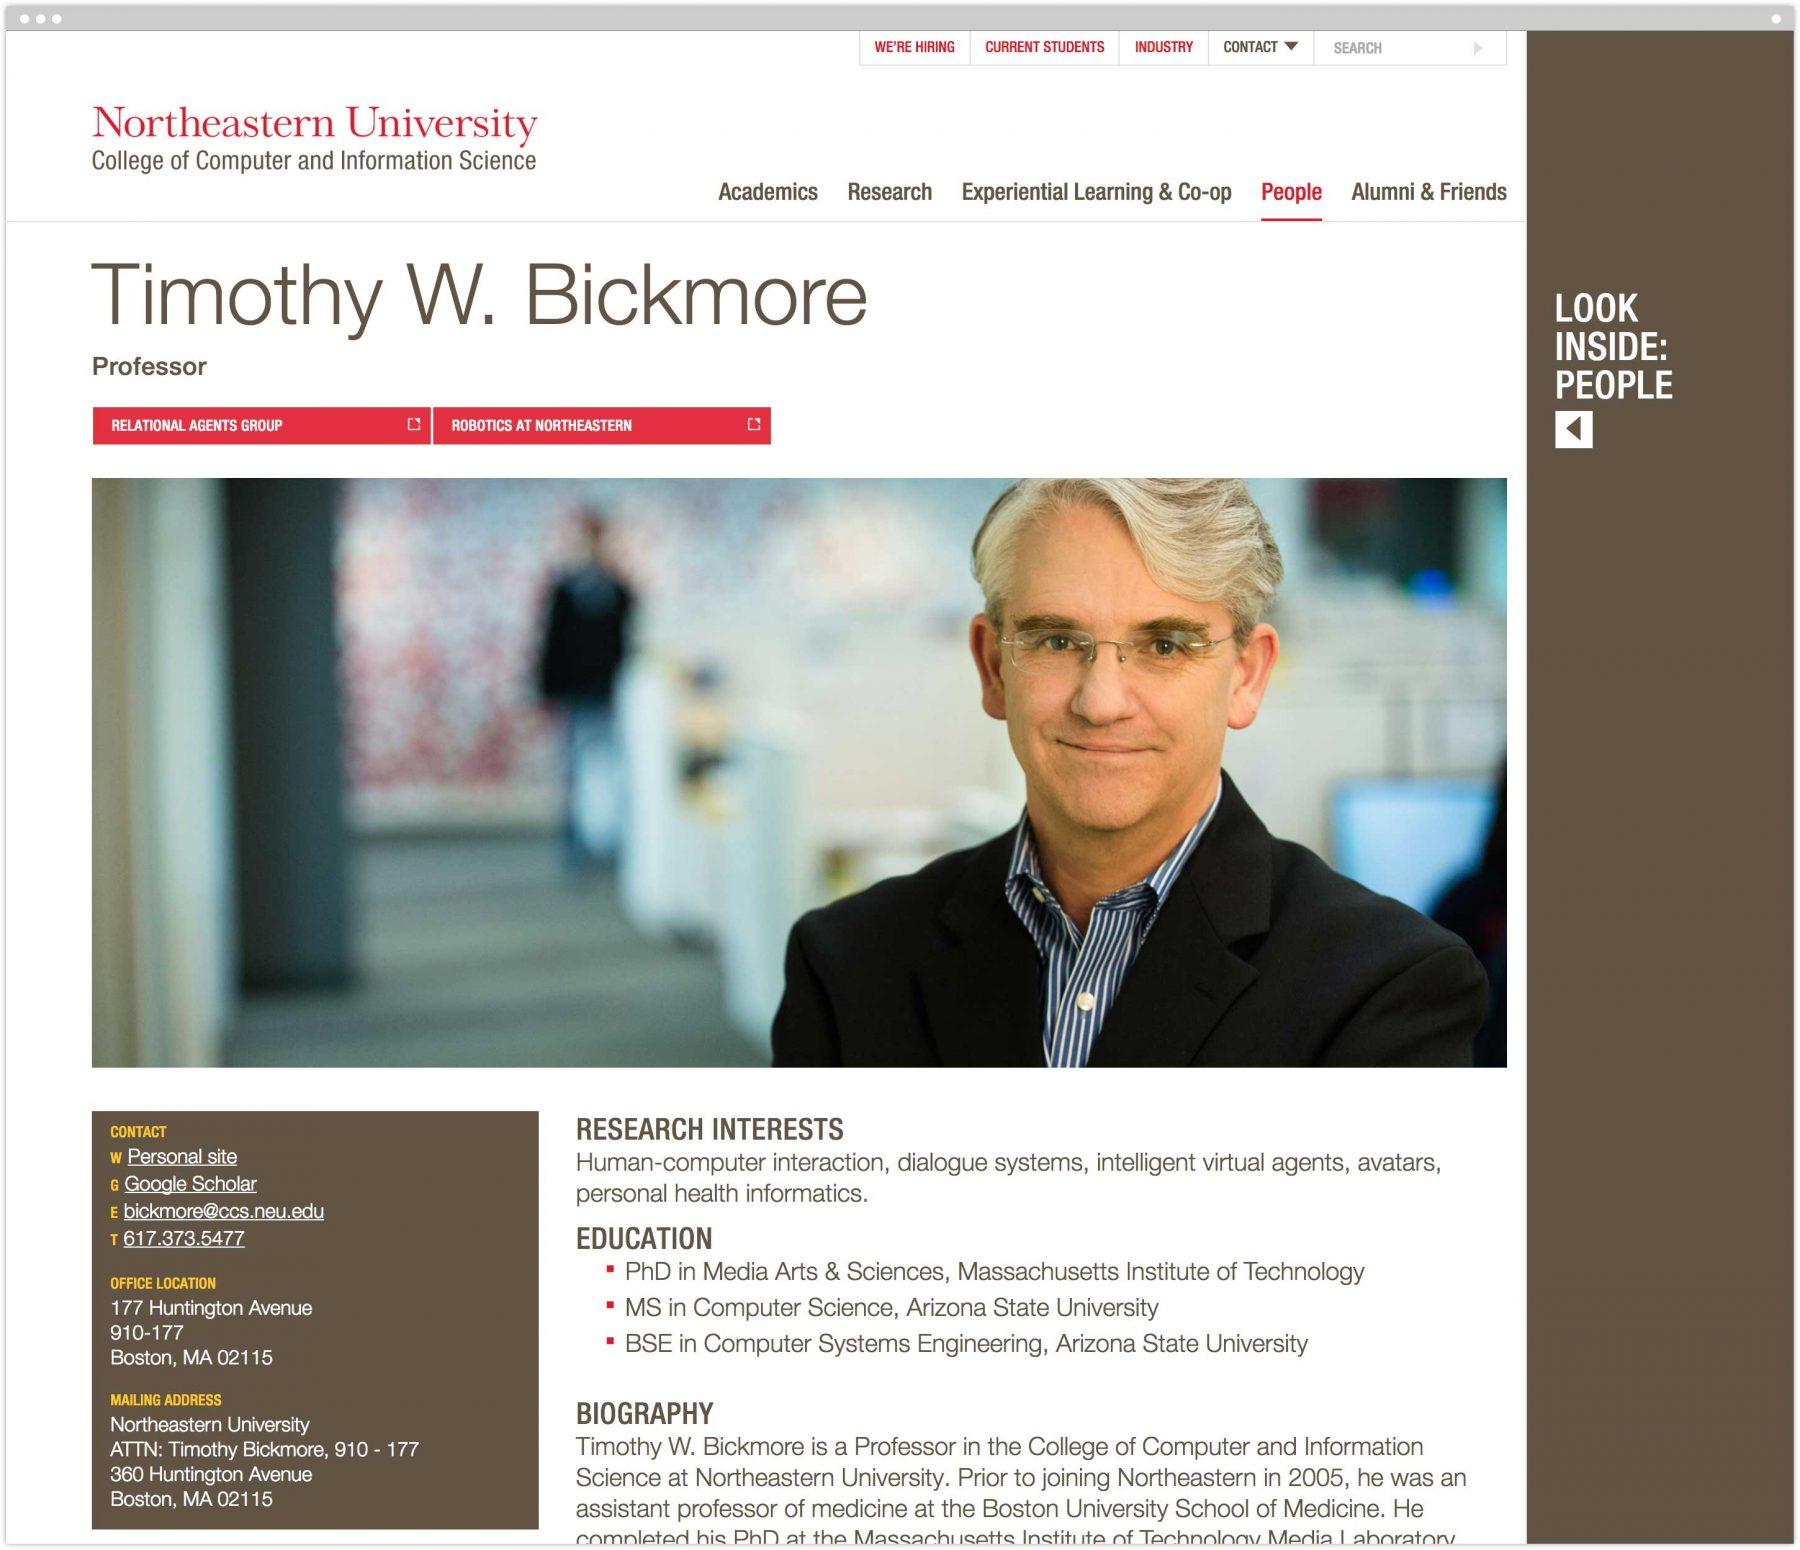 Faculty bio interior page